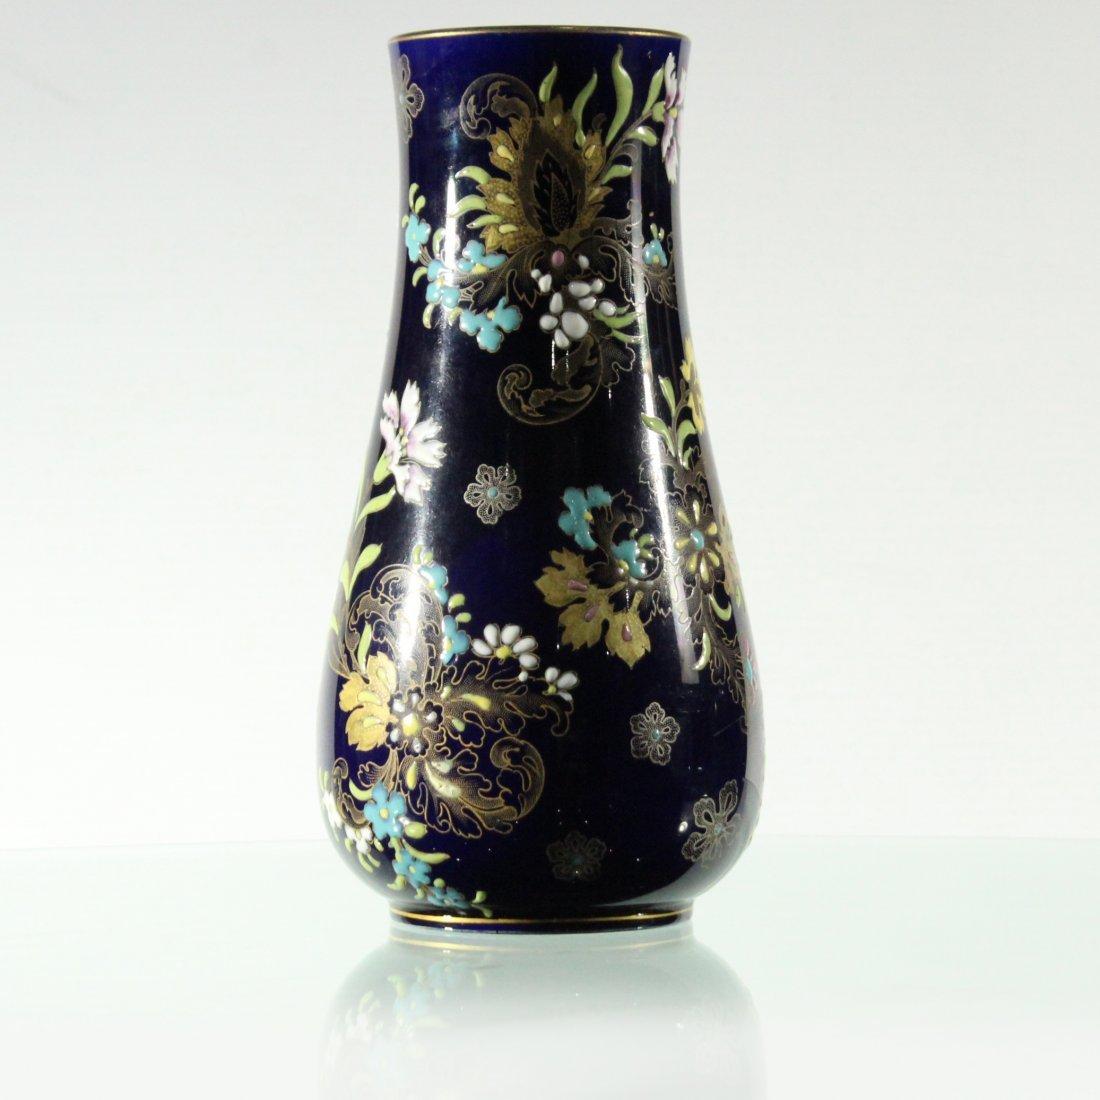 Quality Cobalt Glaze Porcelain Vase Enamel Floral Decor